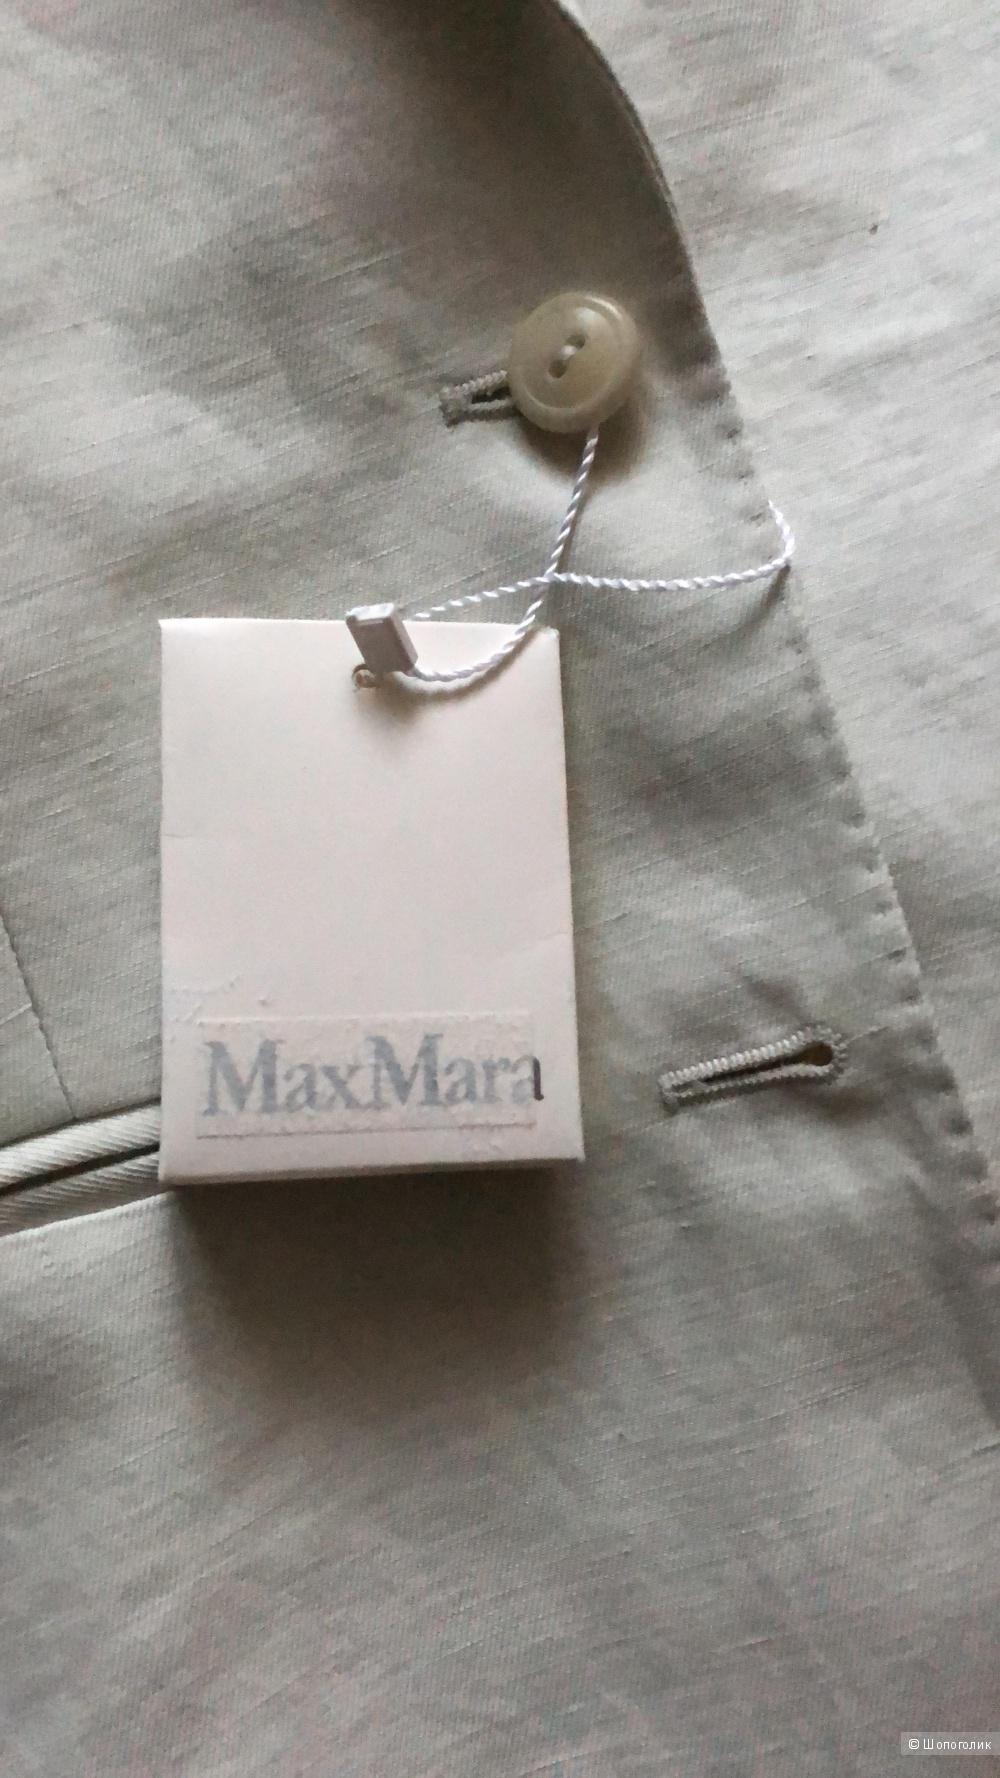 Пиджак MaxMara, р. 46